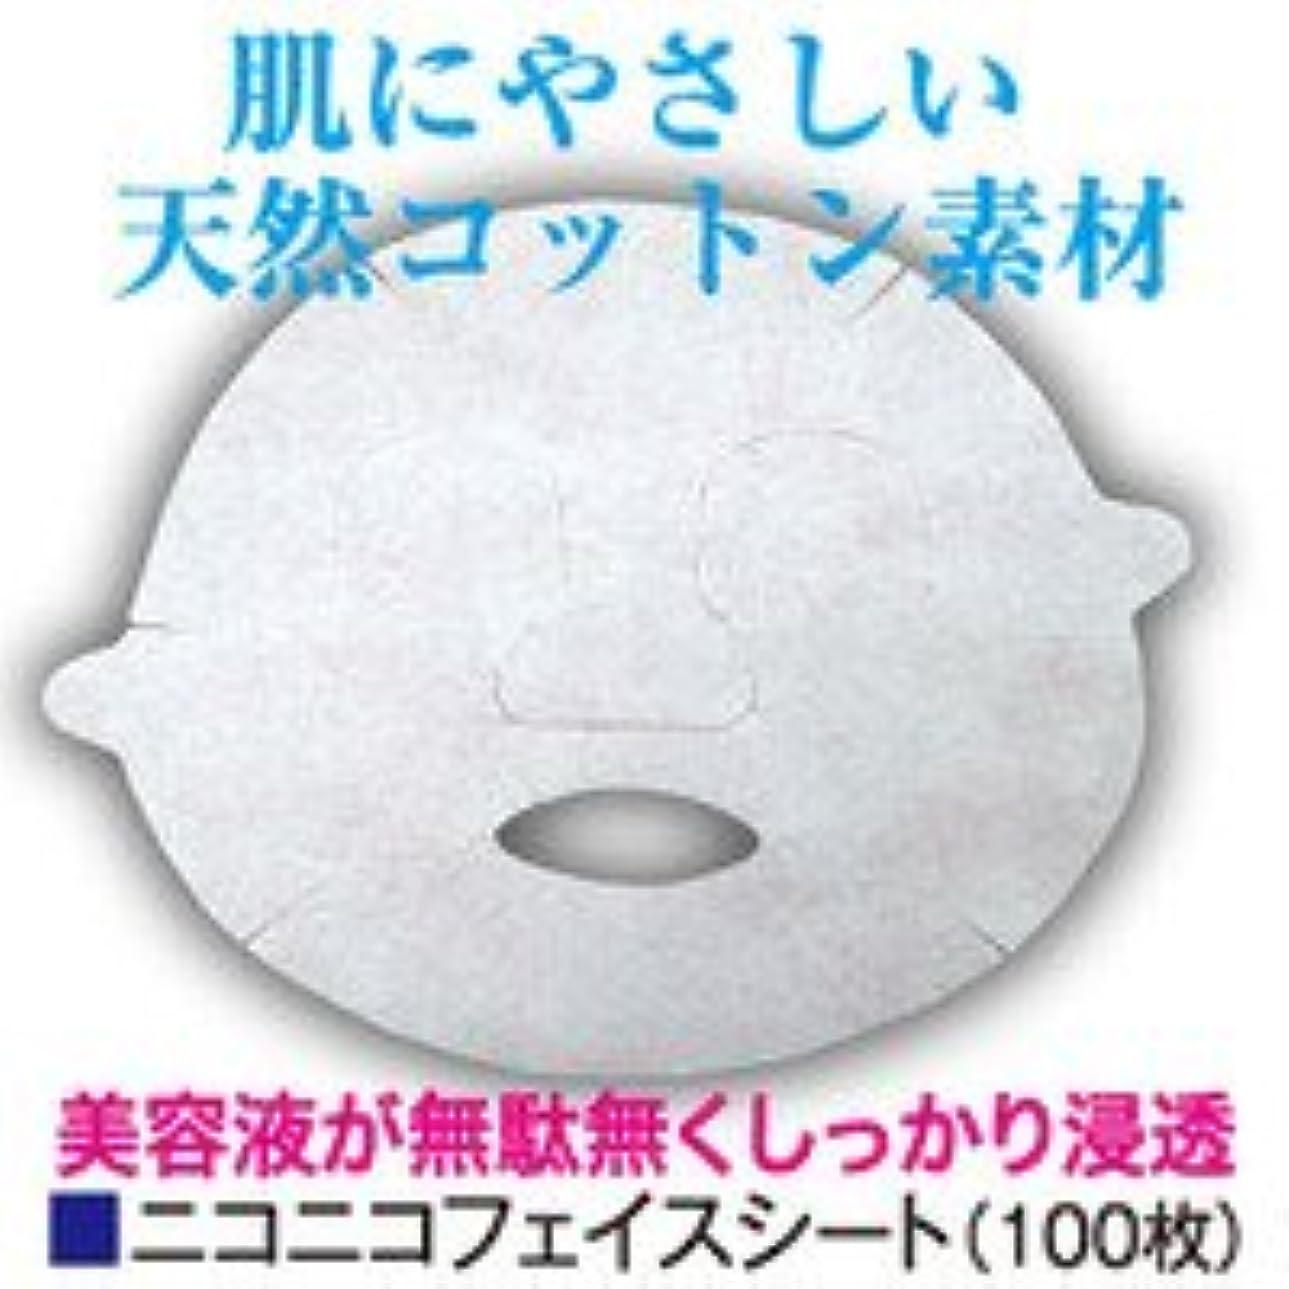 荒らすオペレーター発疹フェイスシート 【ニコニコフェイスシート】 100枚